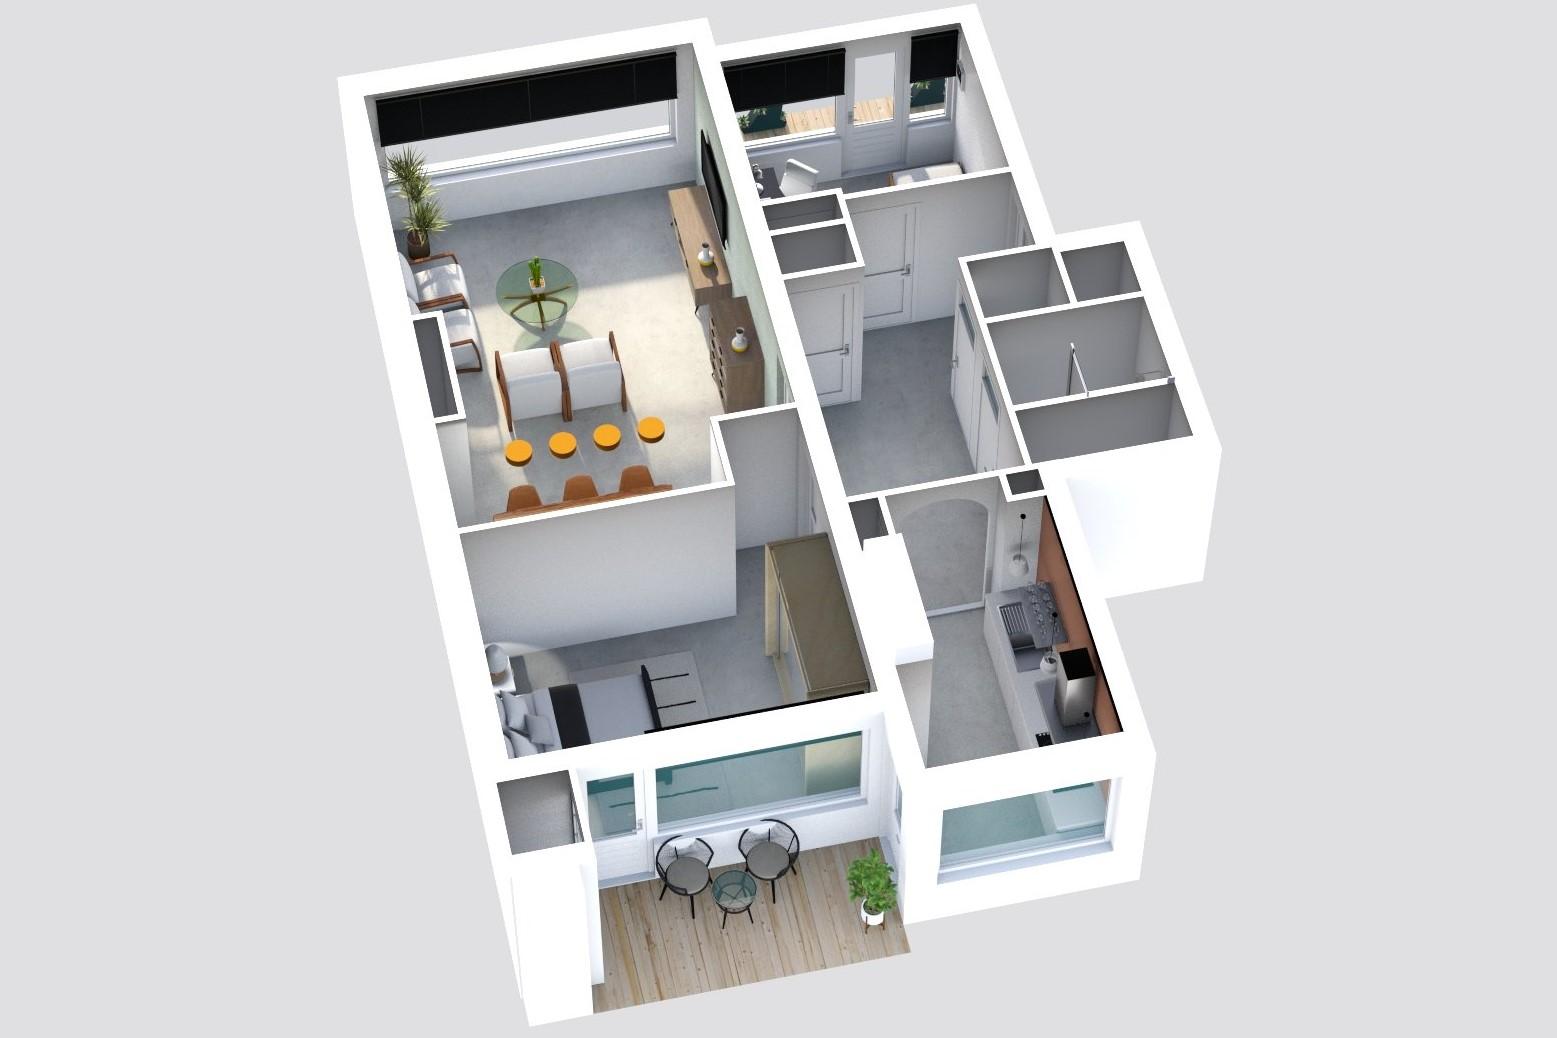 floorplan woning plattegrond